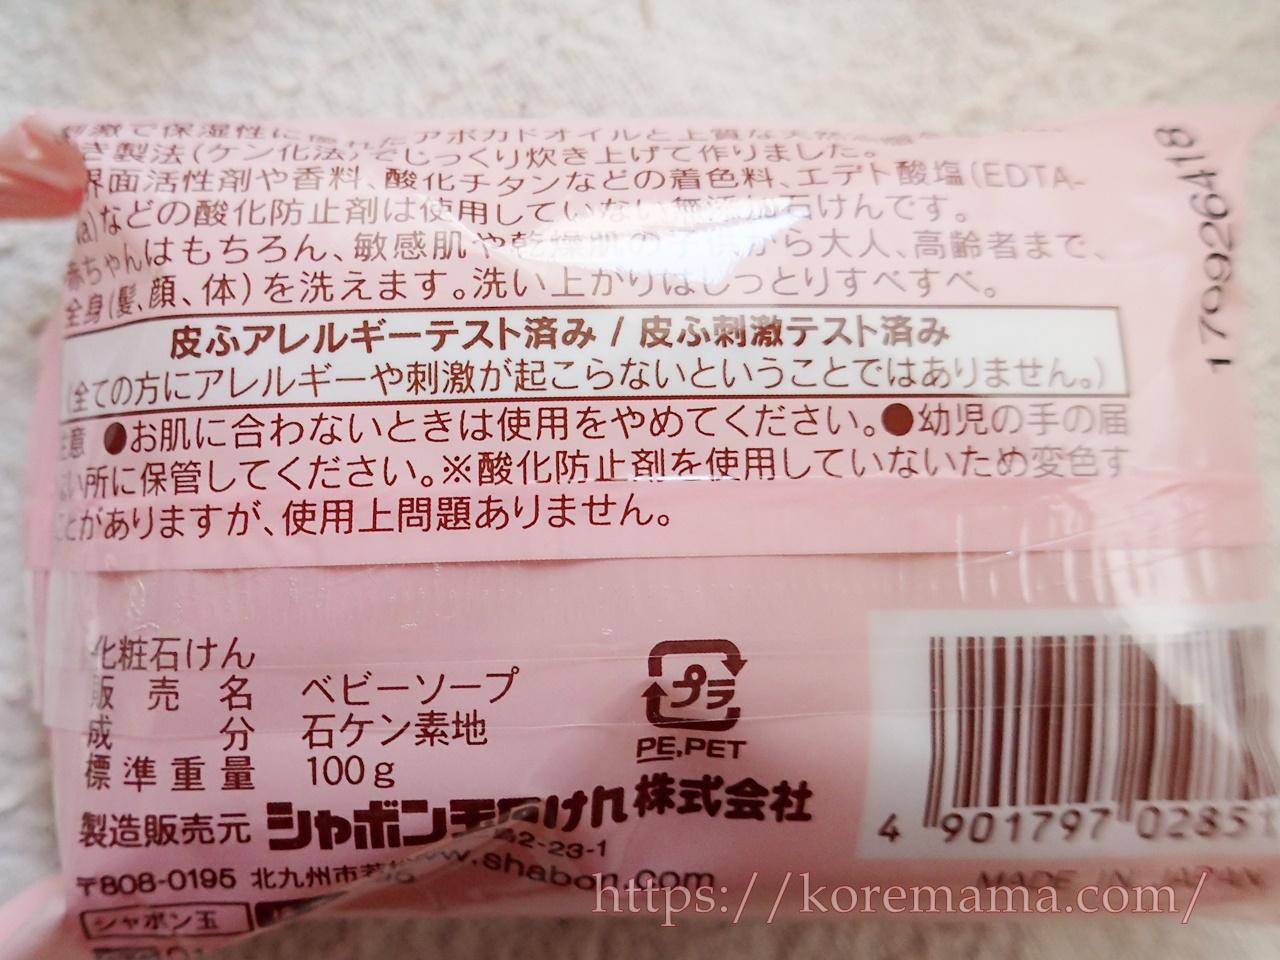 シャボン玉ベビーソープ(固形)